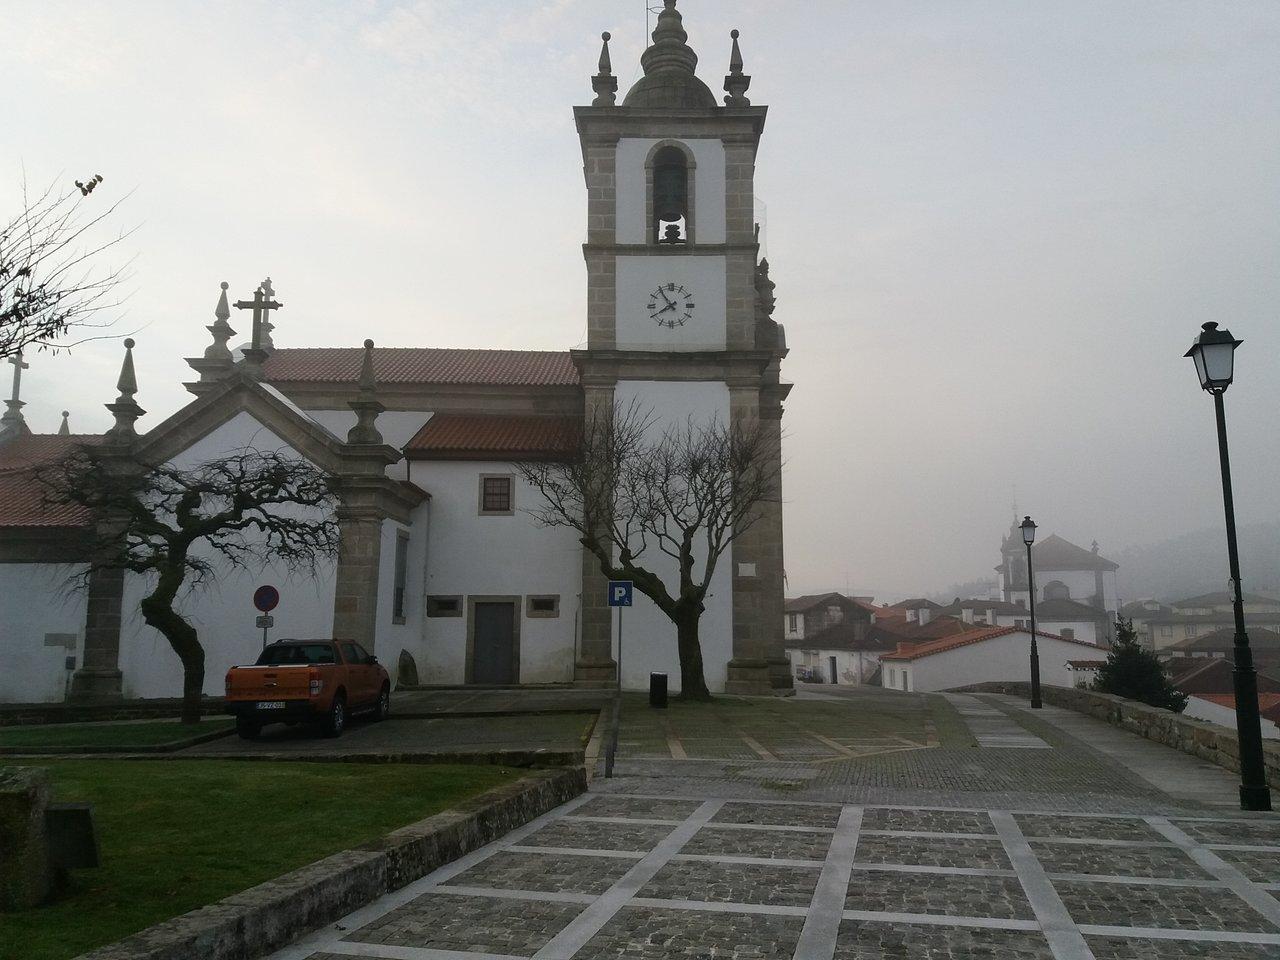 Empresas Em Arcos De Valdevez igreja matriz (arcos de valdevez) - atualizado 2020 o que